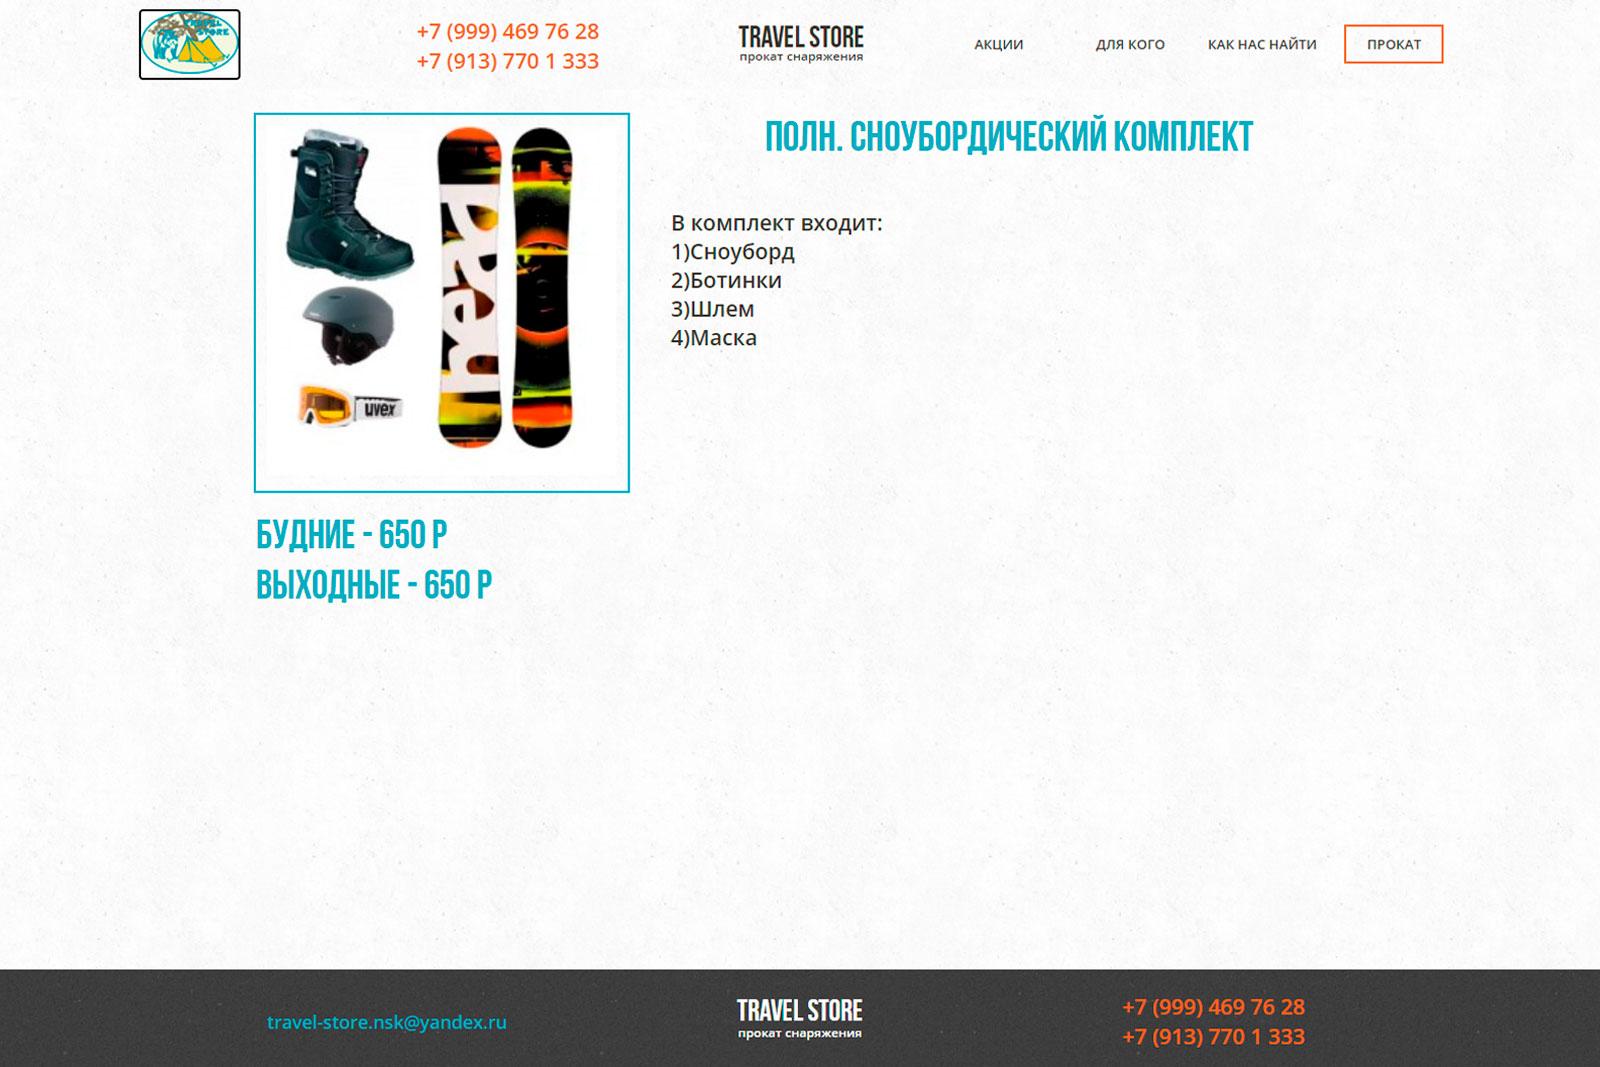 SPS_sajt_travel-store.su9